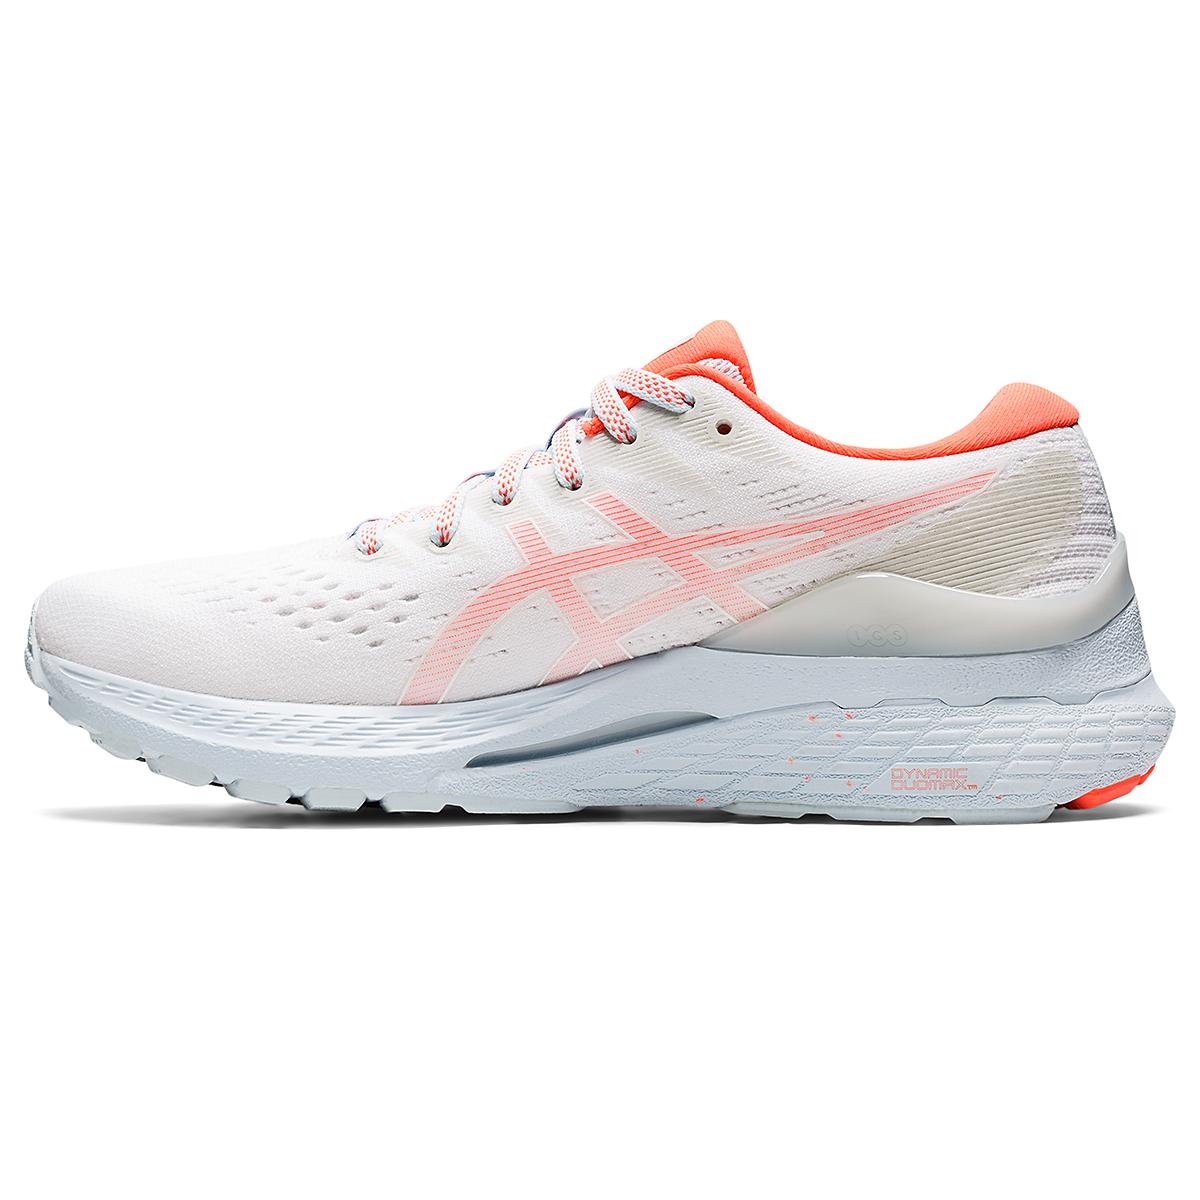 Women's Asics Gel-Kayano 28 Running Shoe, , large, image 2